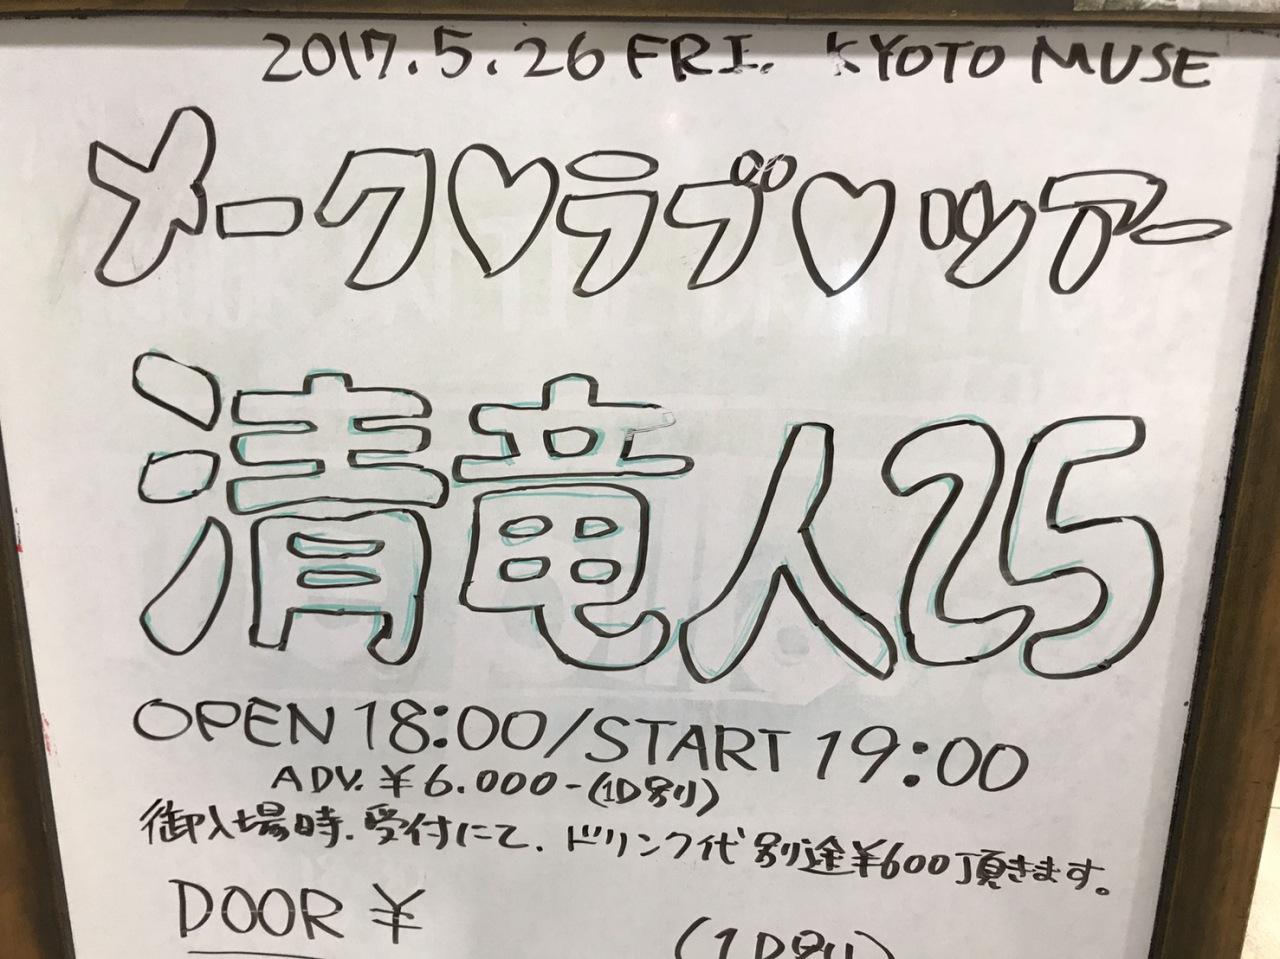 清 竜人25、デビュー・ライヴの地・京都で最初で最後のワンマン–OTOTOYライヴ・レポート